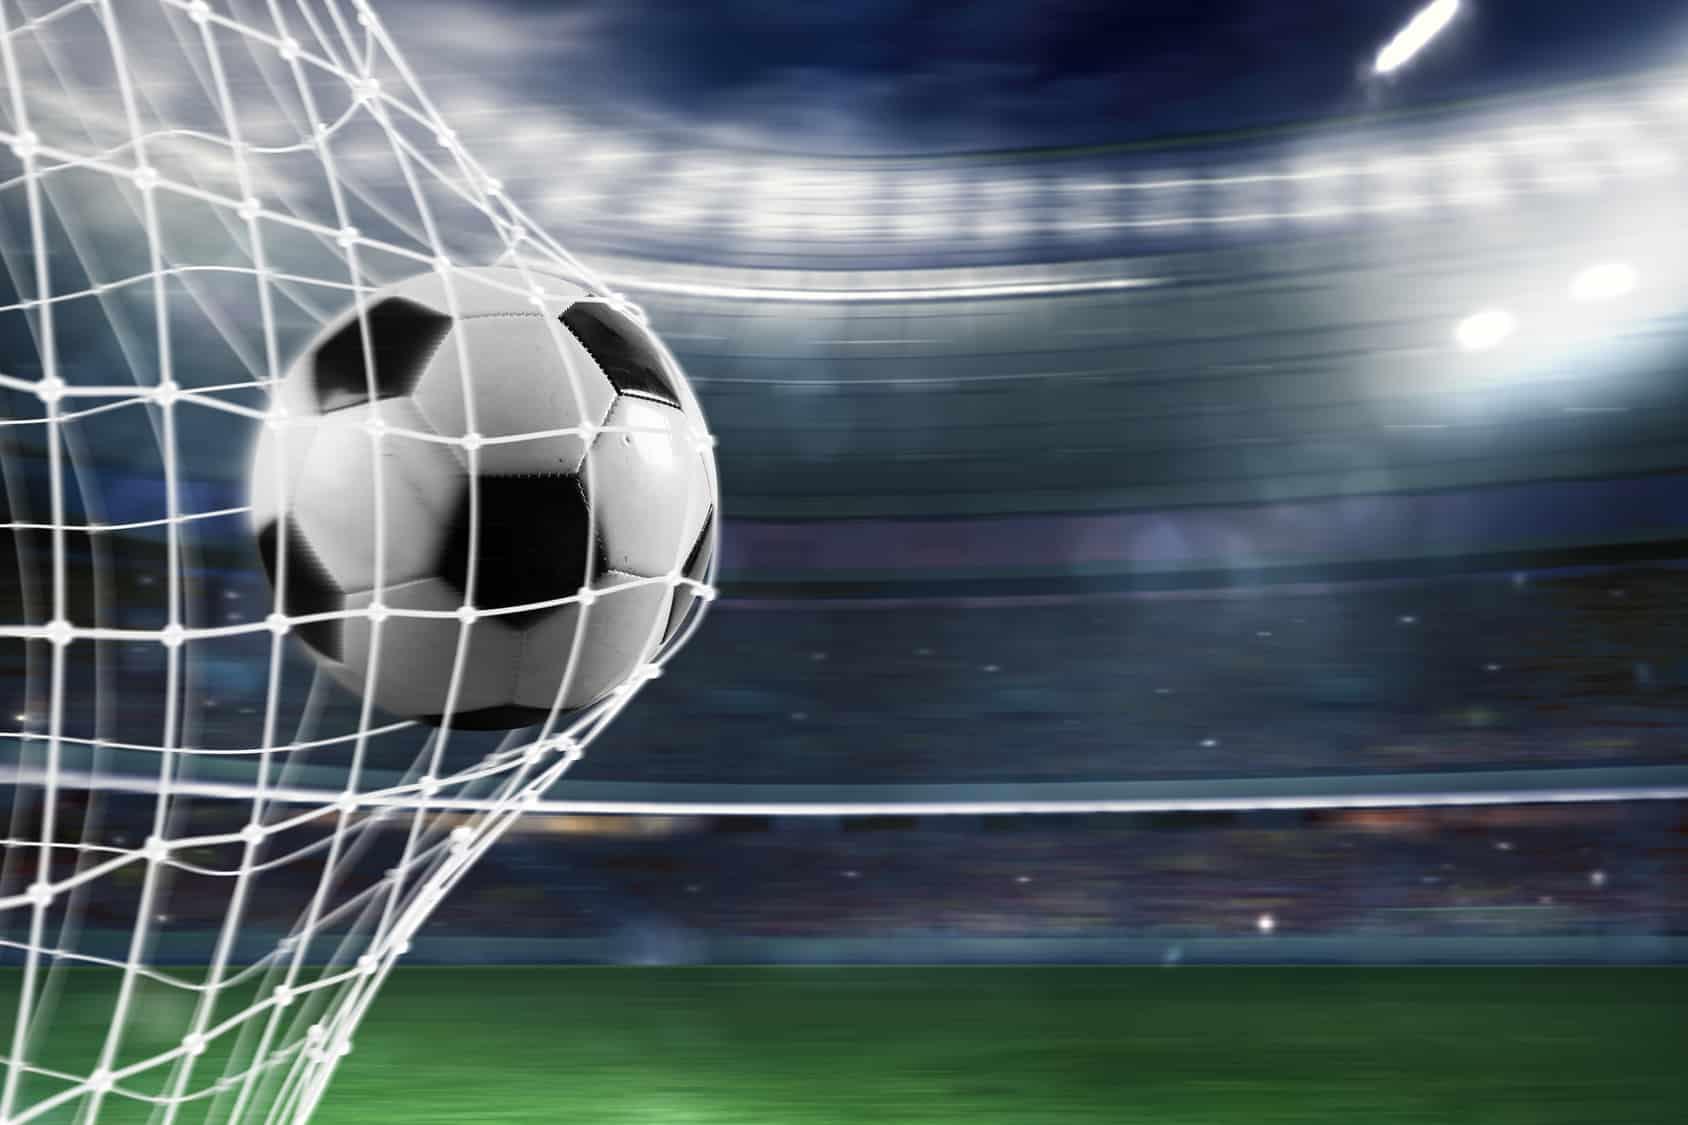 UEFA anunció que 32 partidos de la Champions League y de la Supercopa Europea serán transmitidos de forma gratuita